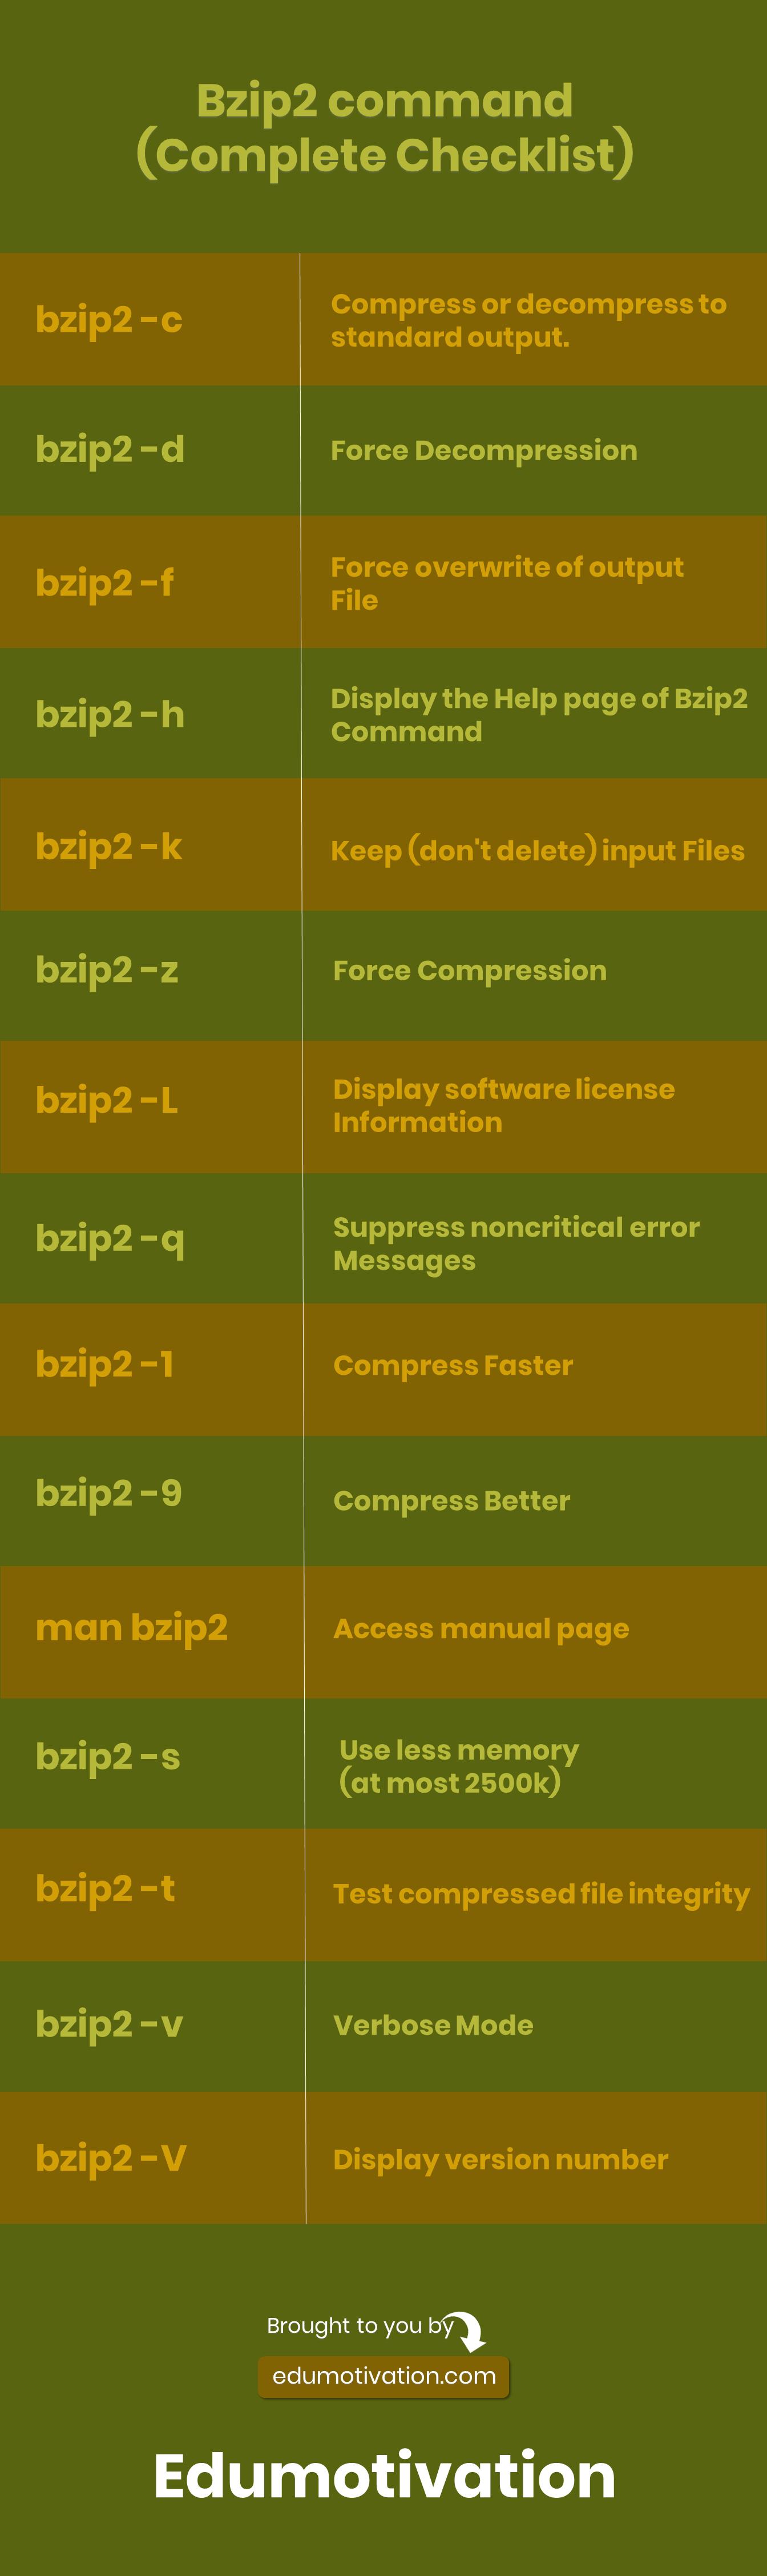 Bzip2 Command